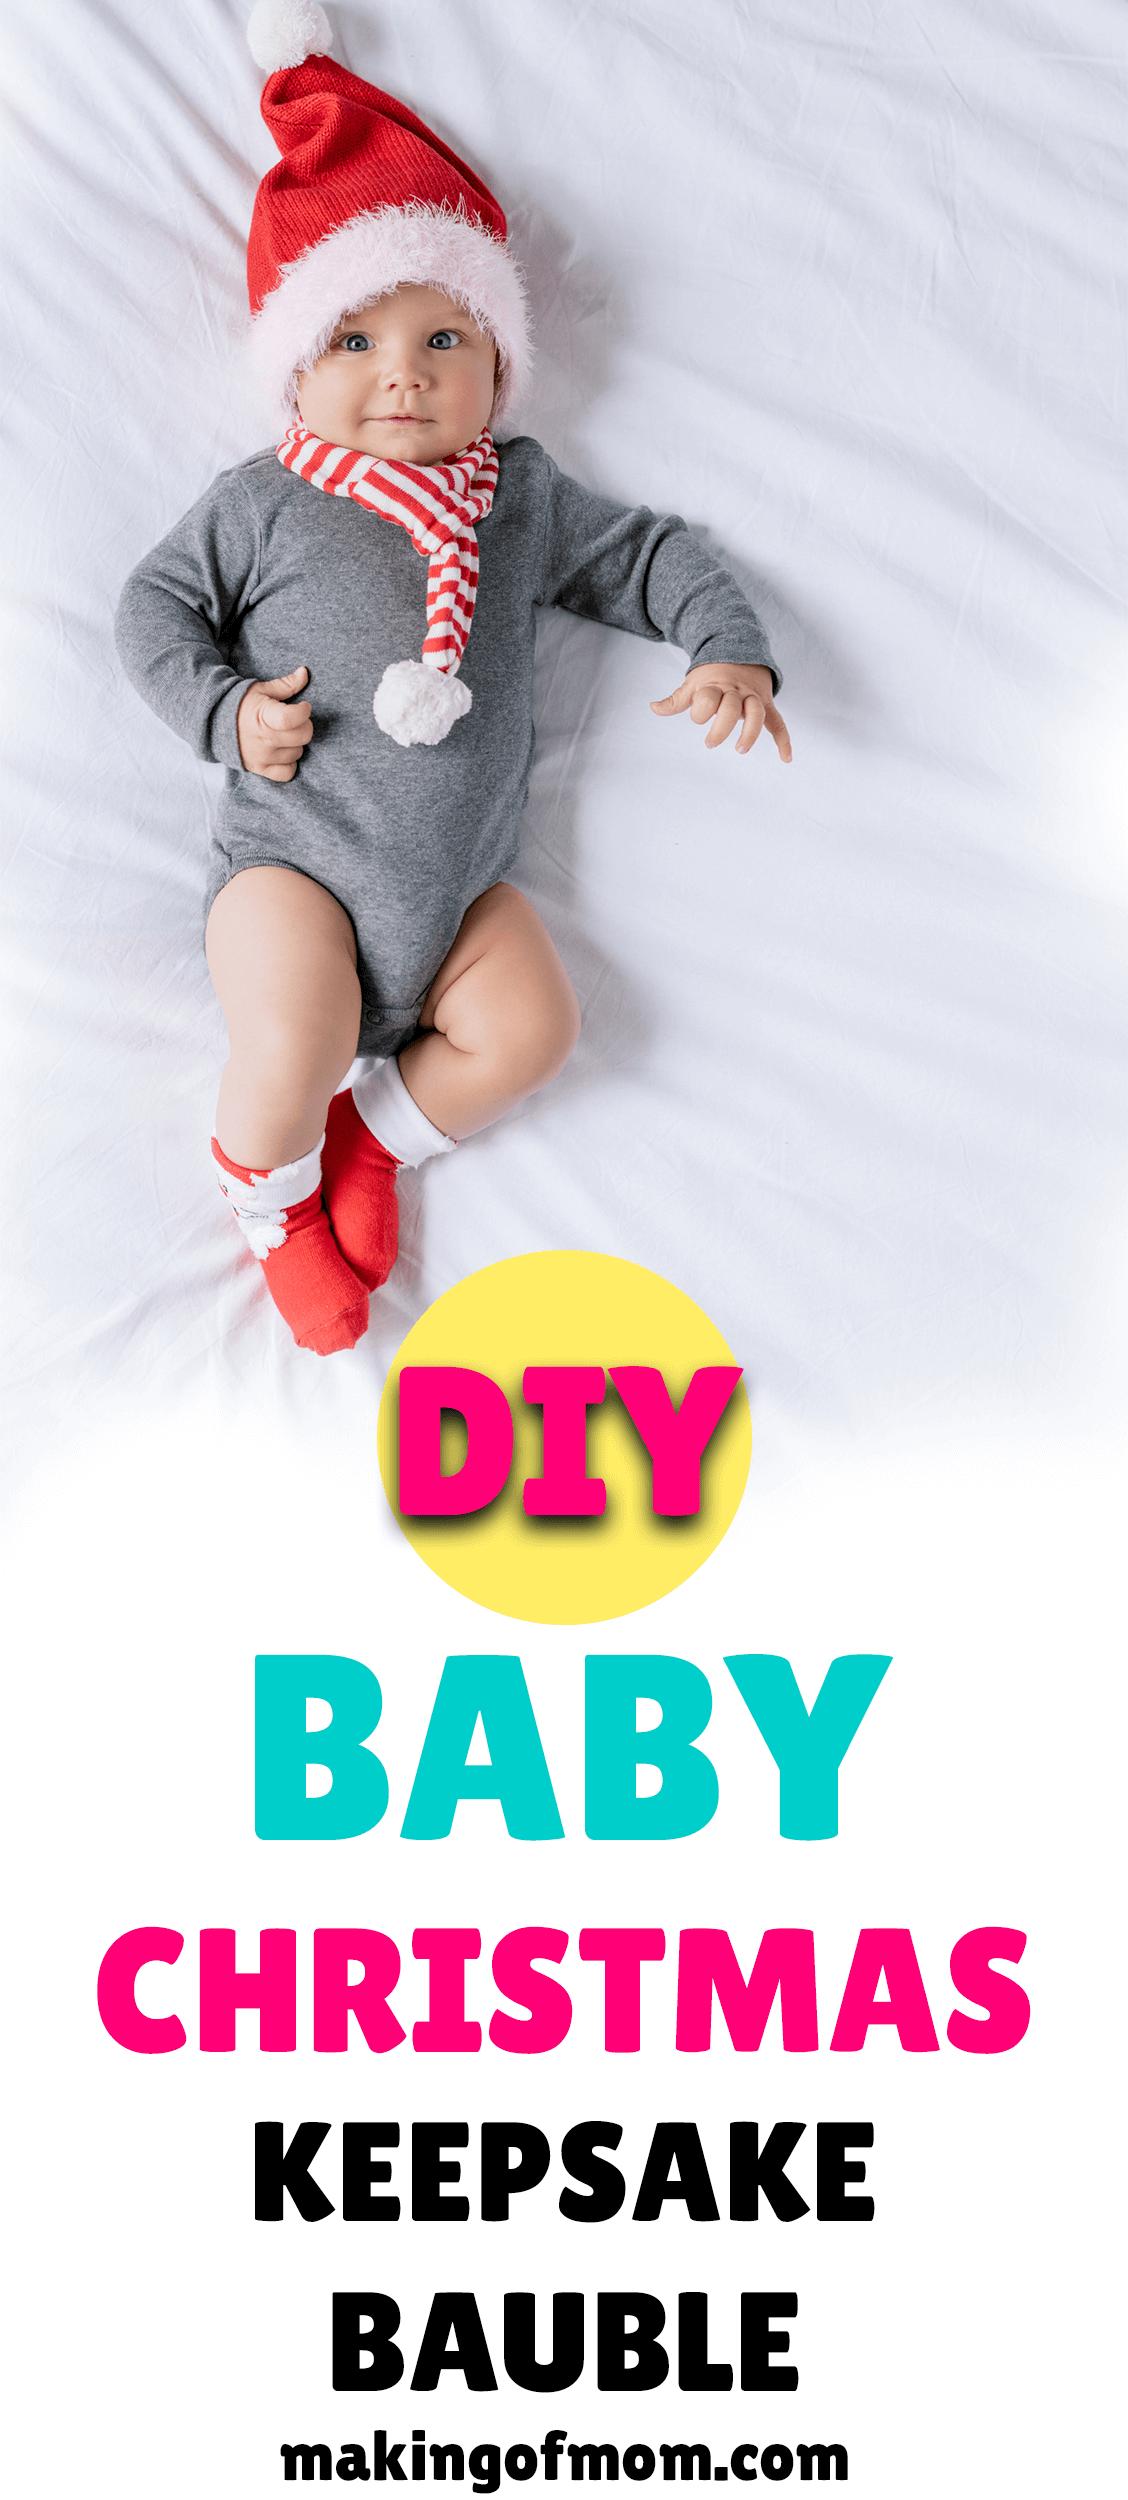 diy-baby-christmas-keepsake-bauble (1)